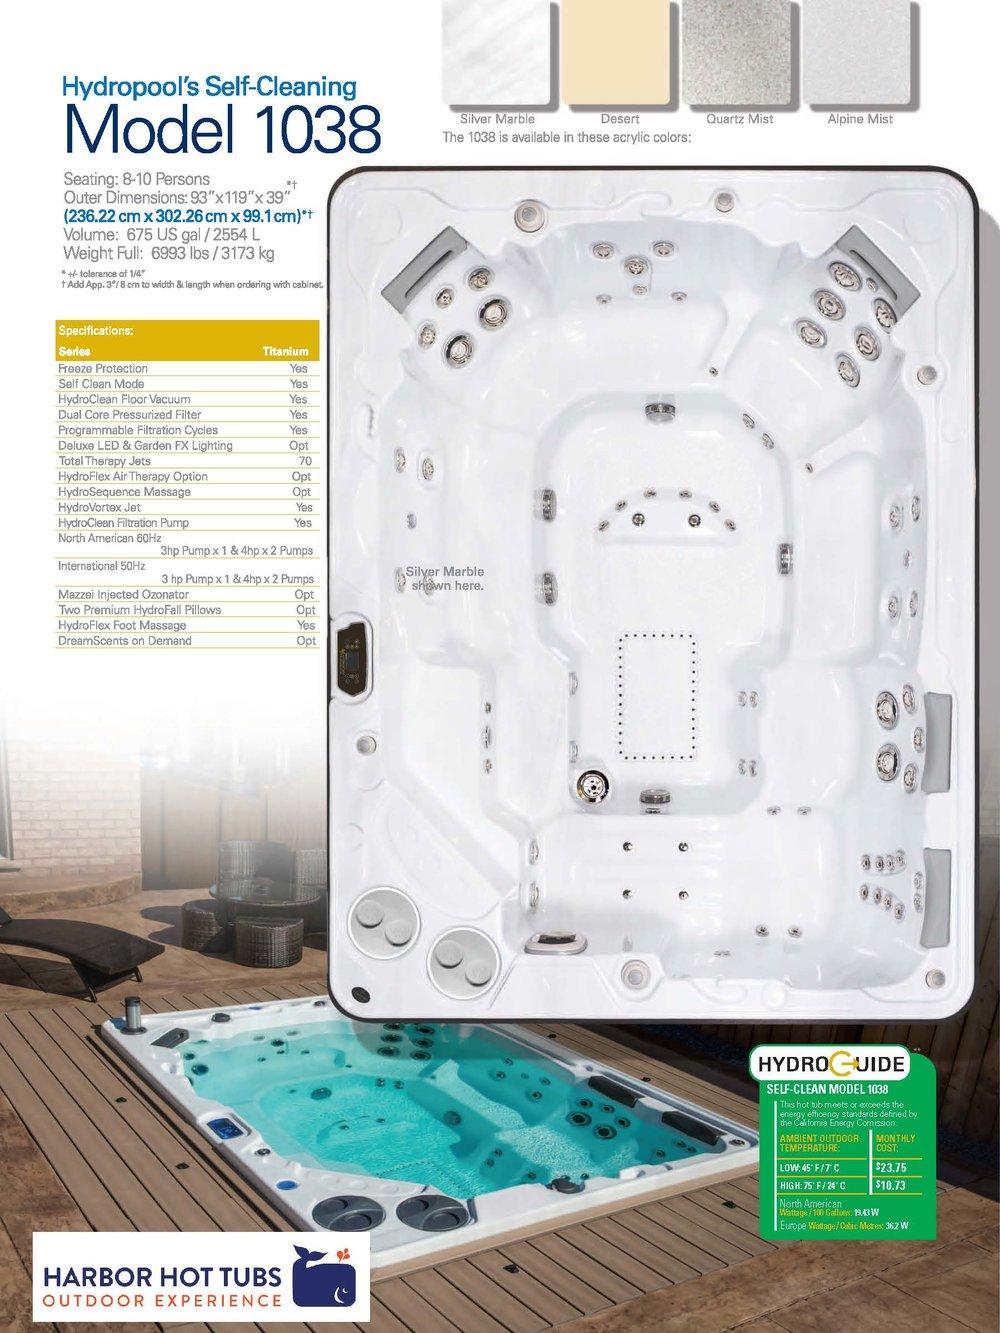 1038 Hydropool Self-Cleaning Brochure.jpg